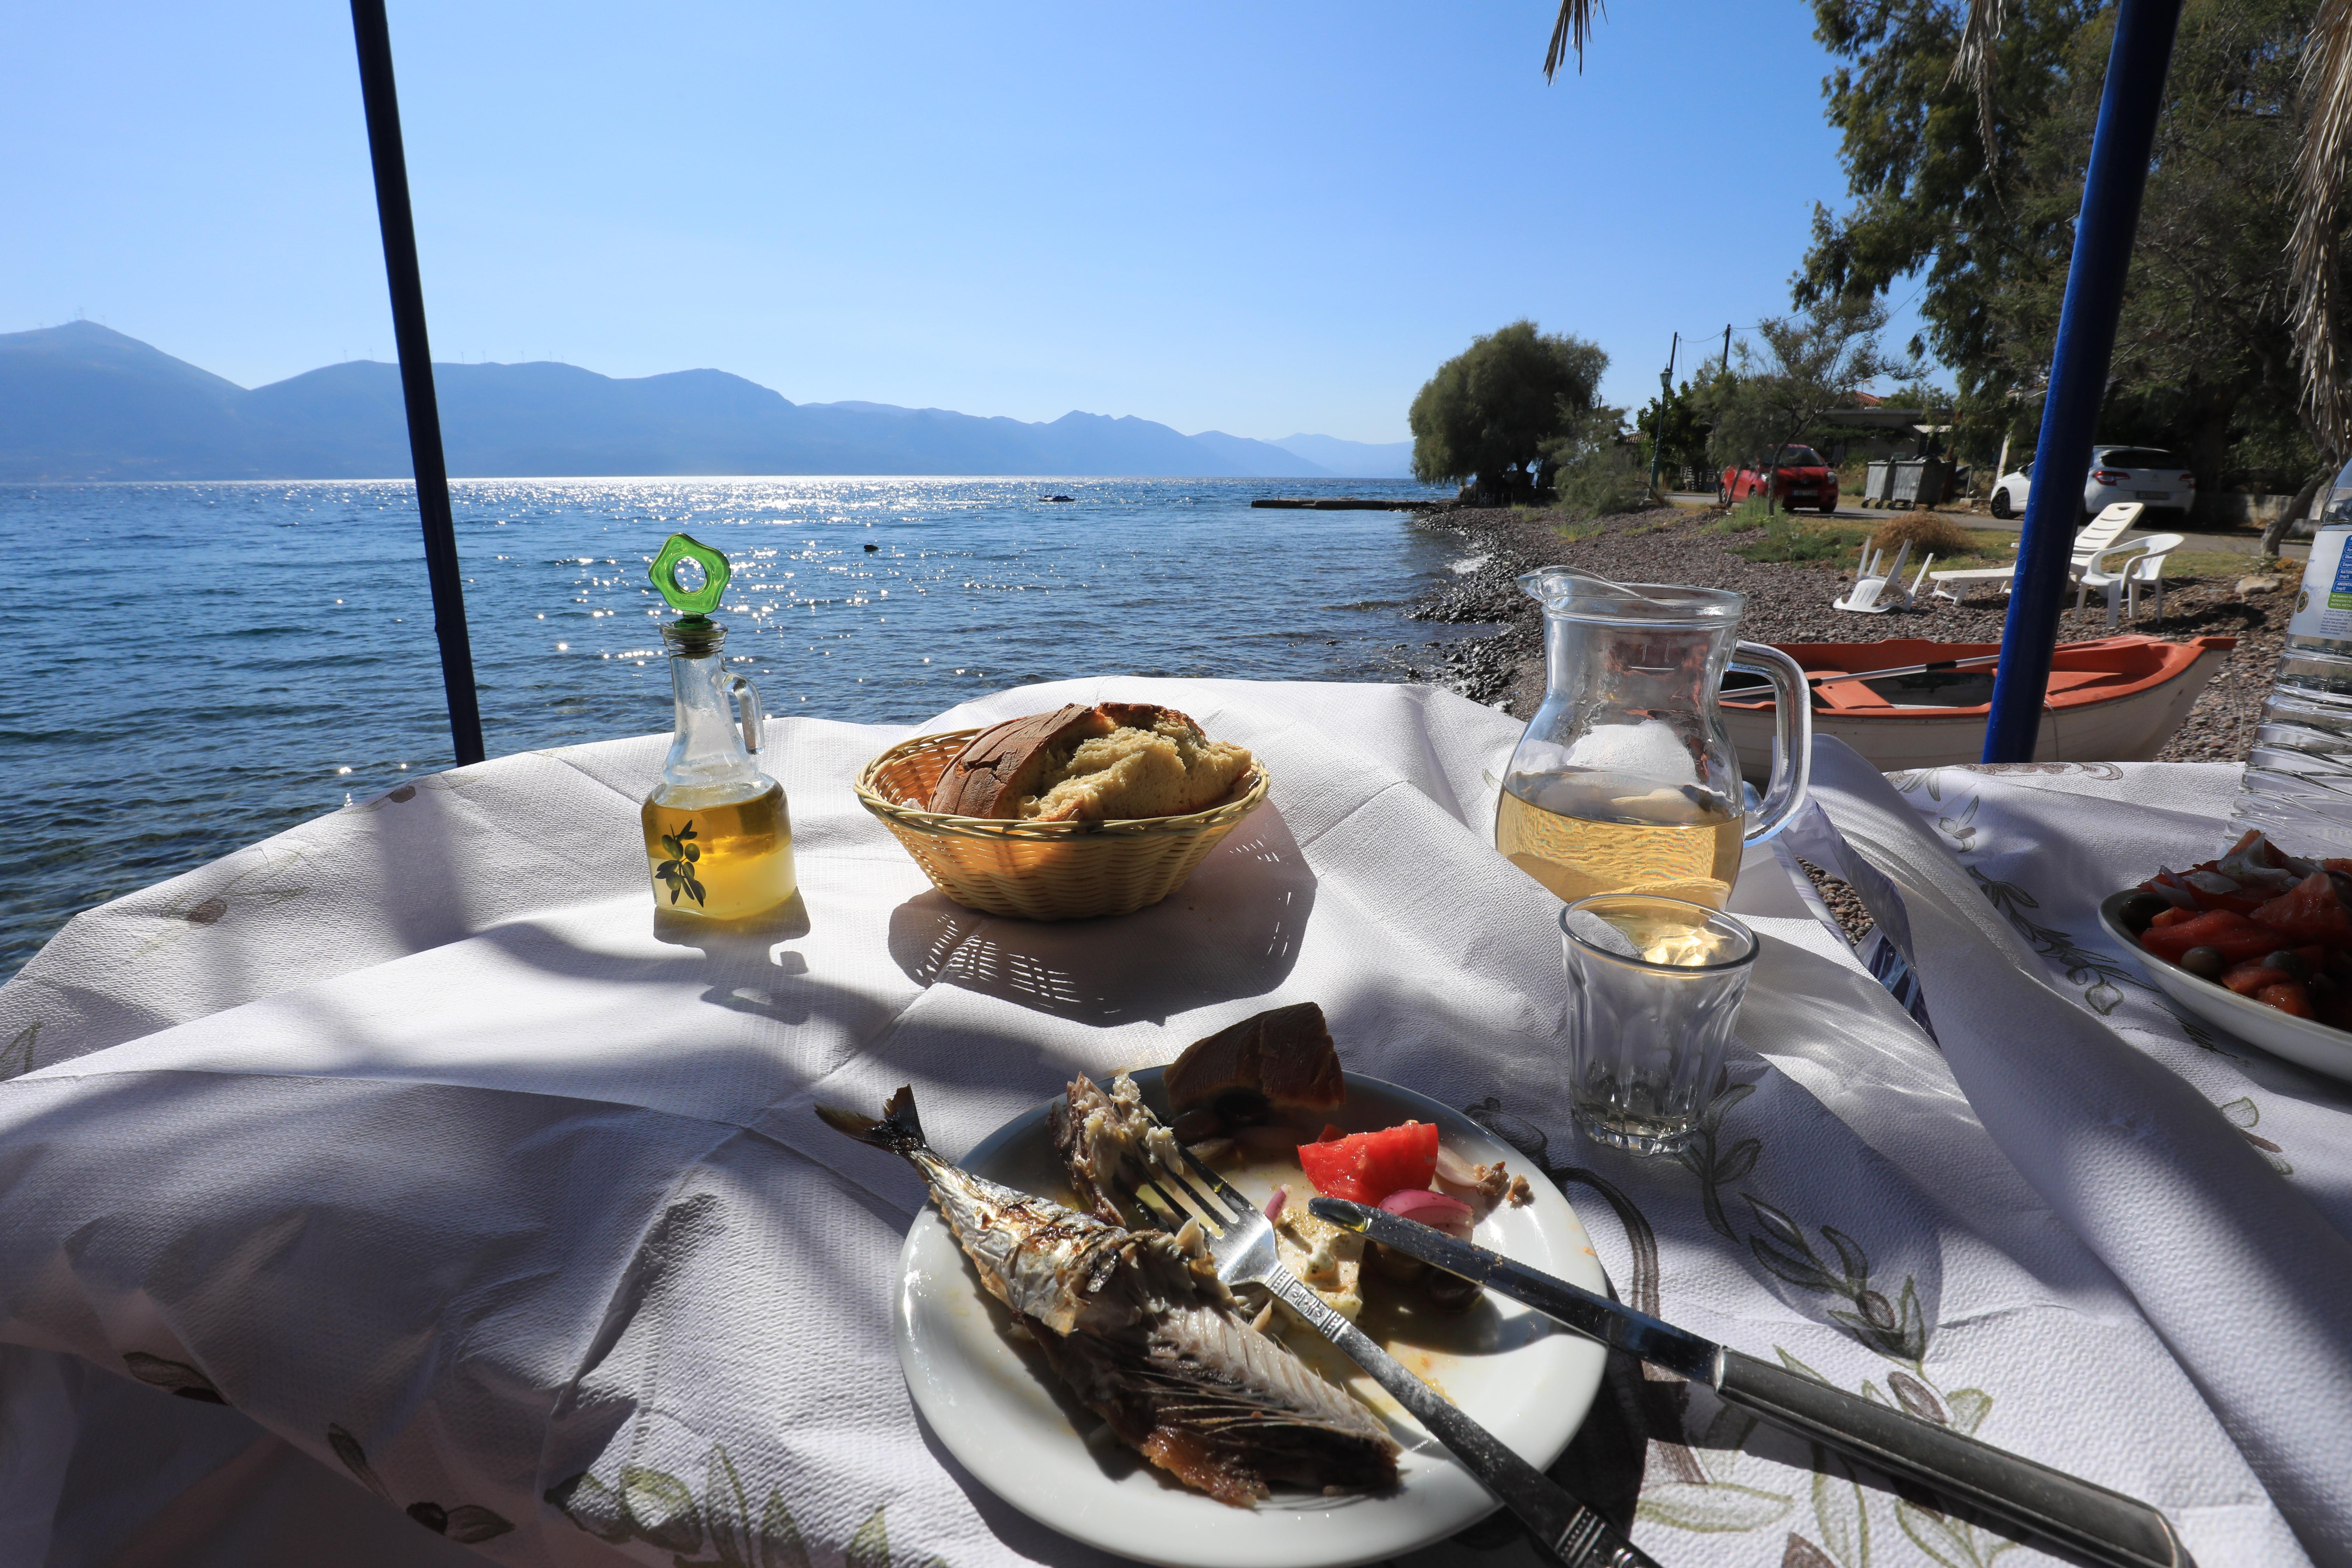 Ryby, wino, oliwa z cytryną o smaku naturalnym